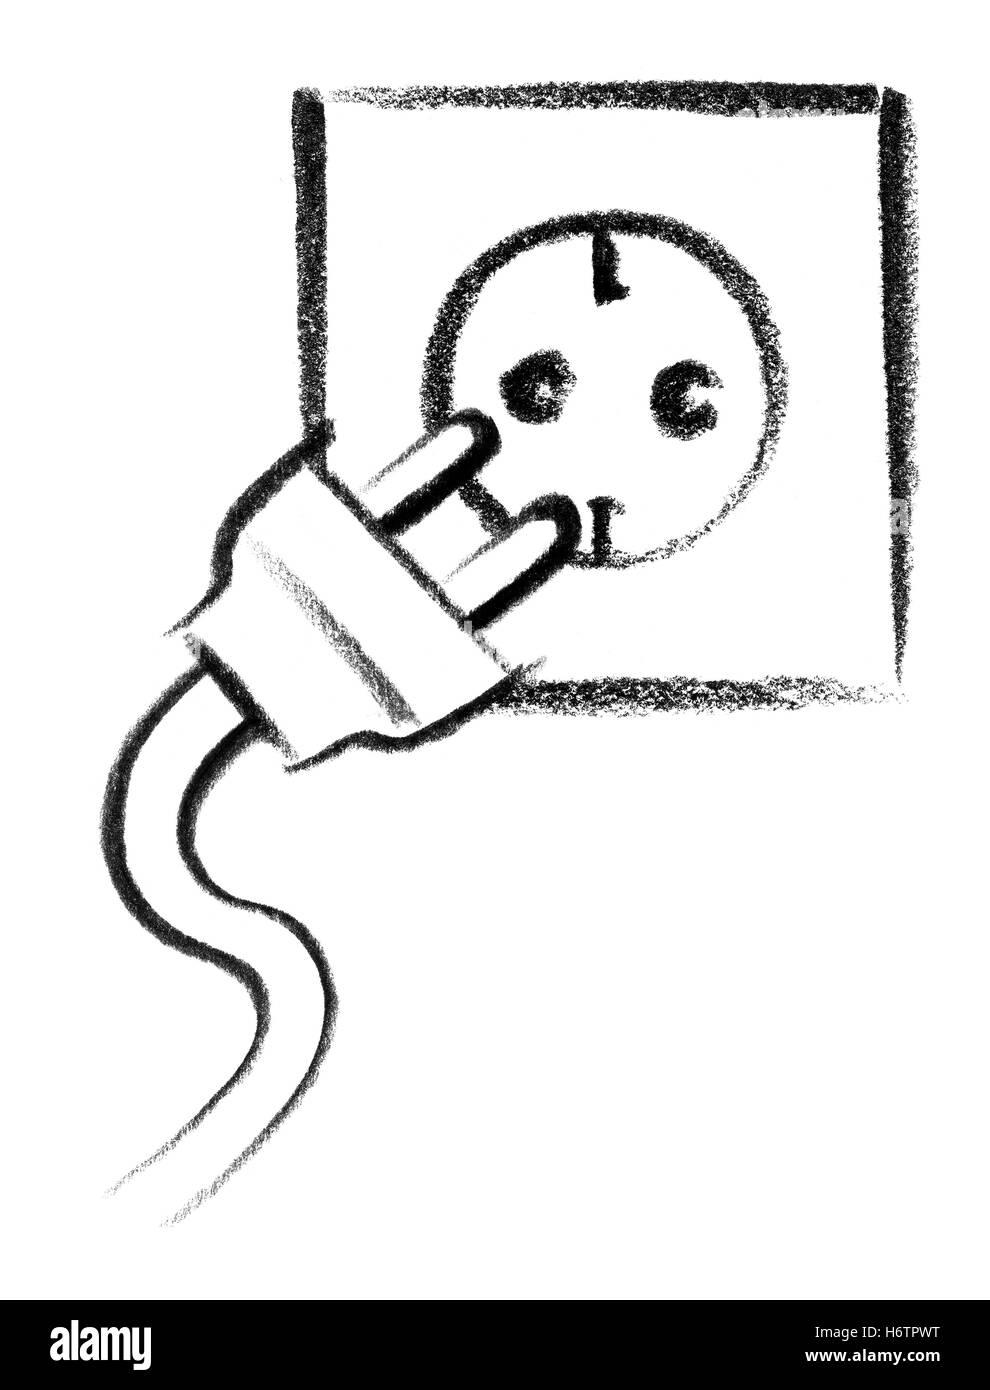 Berühmt Symbole Für Elektrischen Strom Zeitgenössisch - Die Besten ...